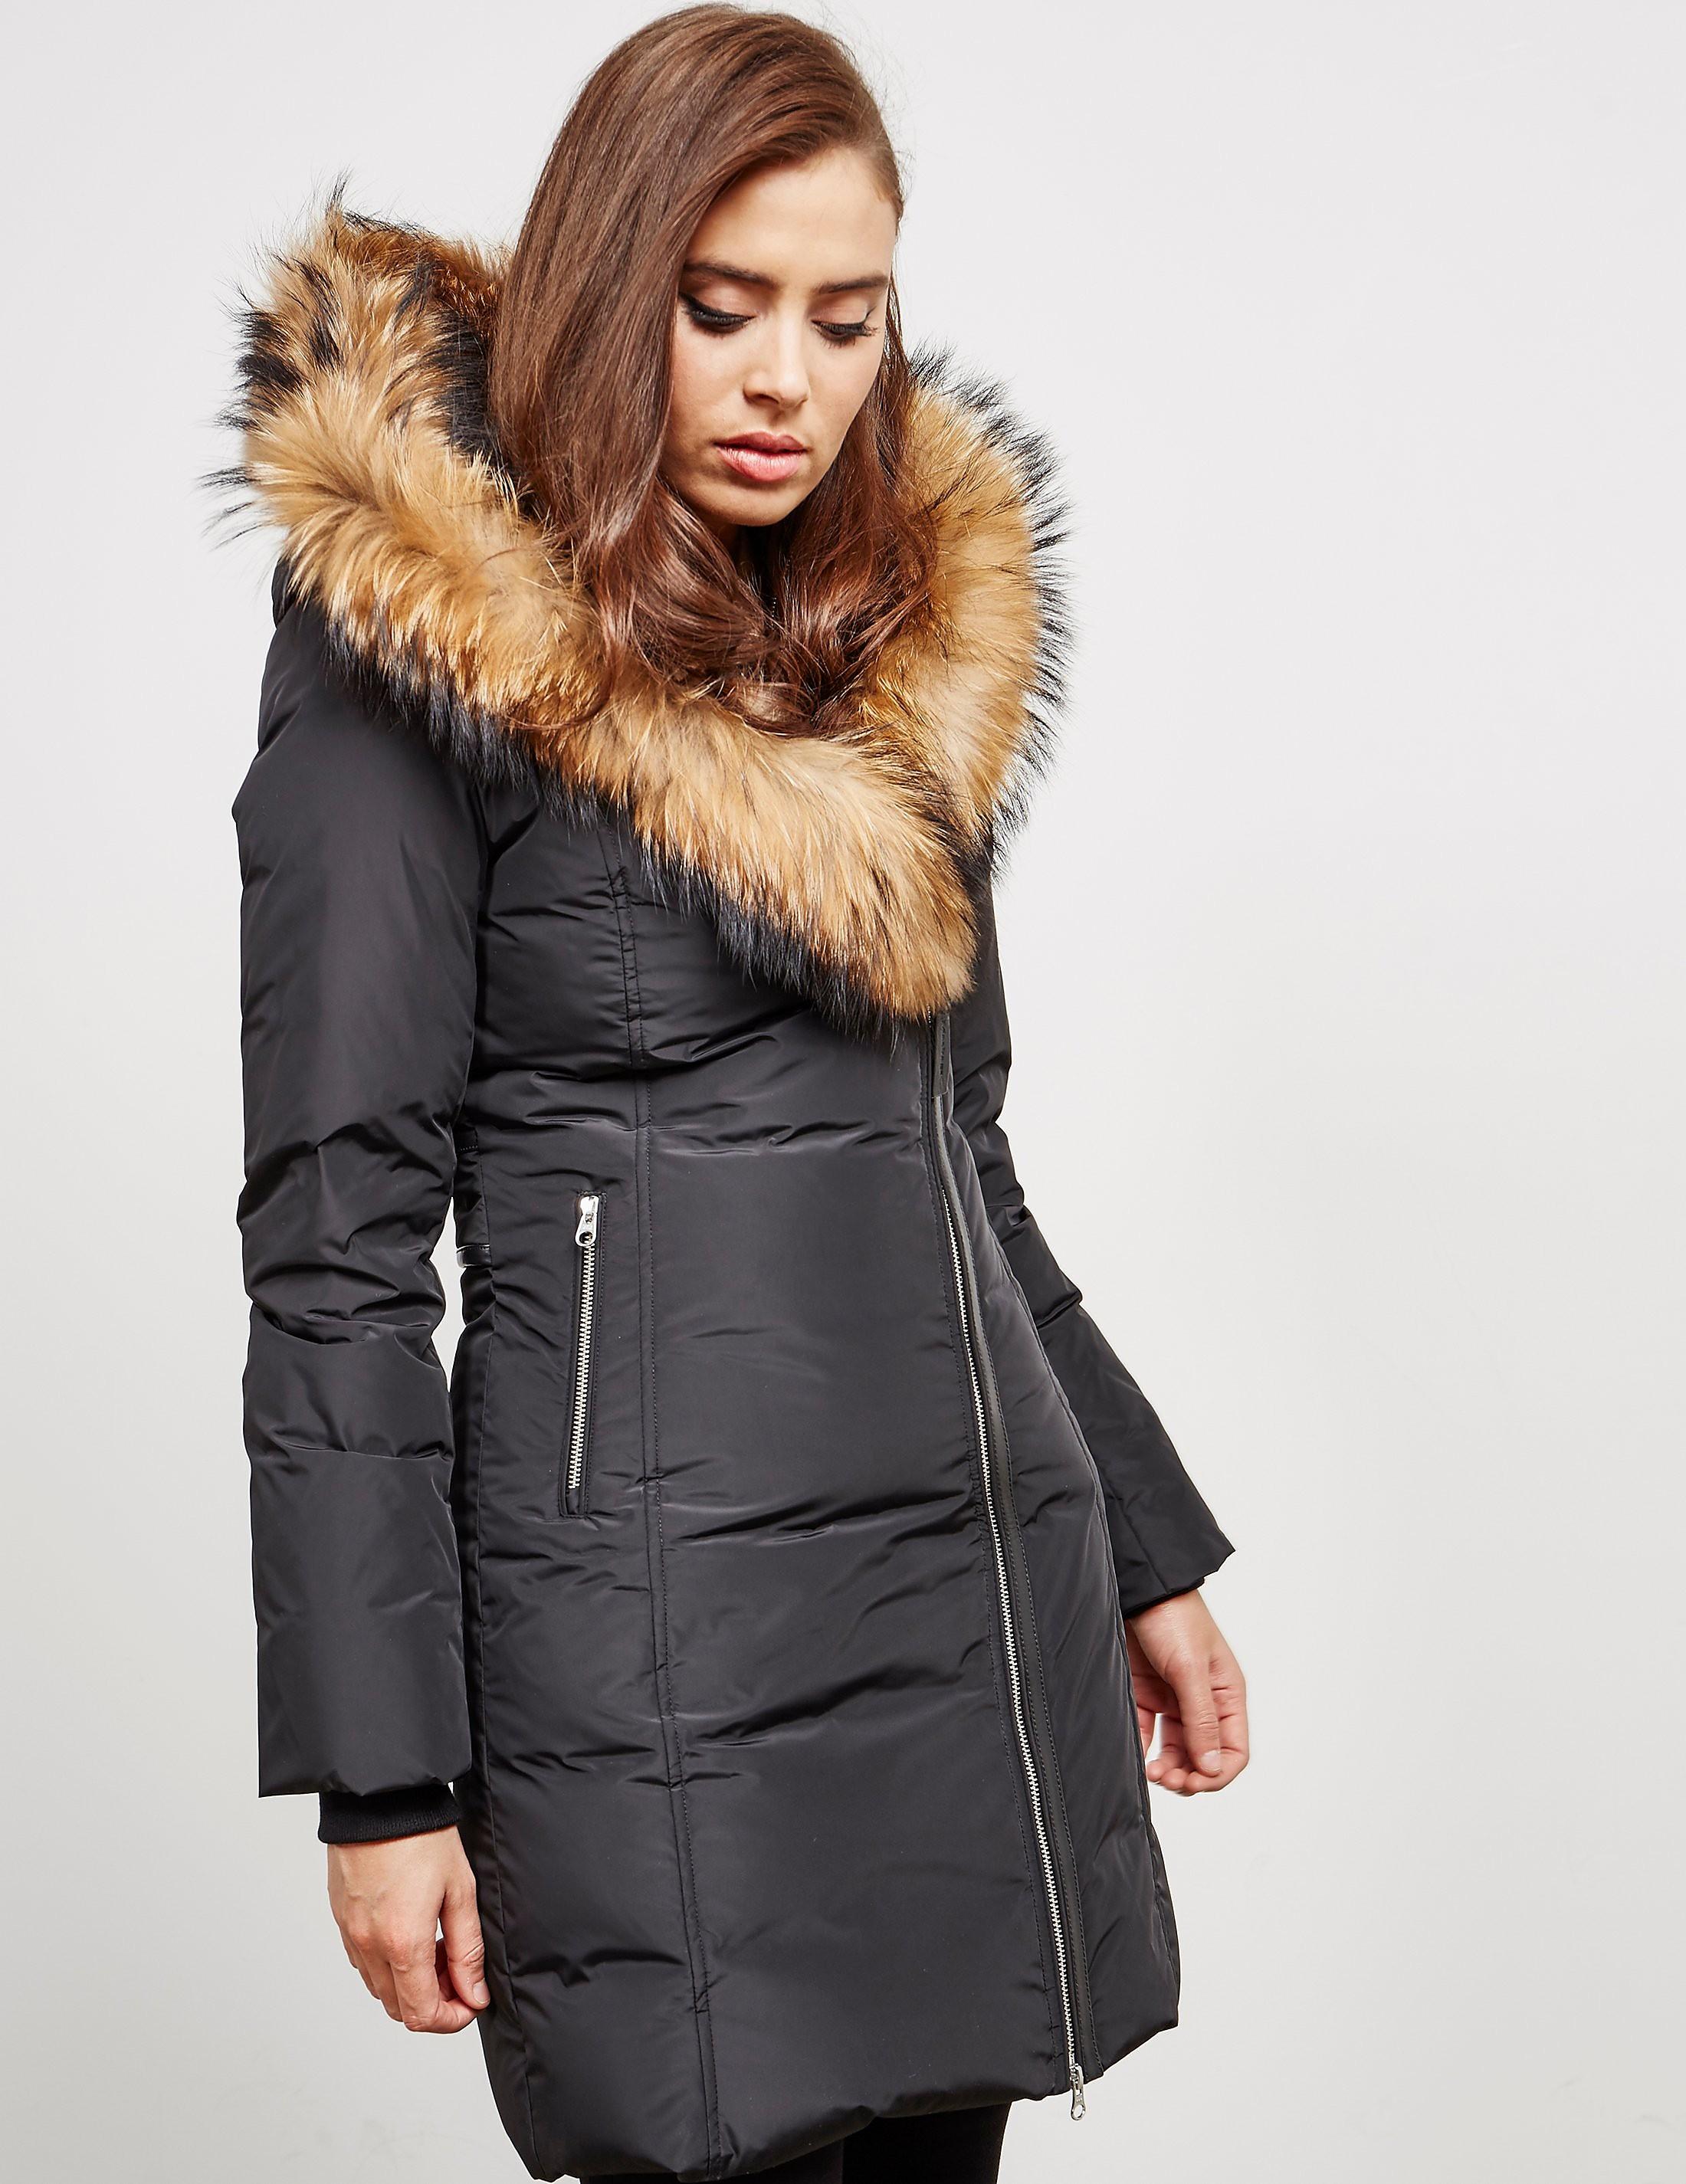 Mackage Trish Jacket